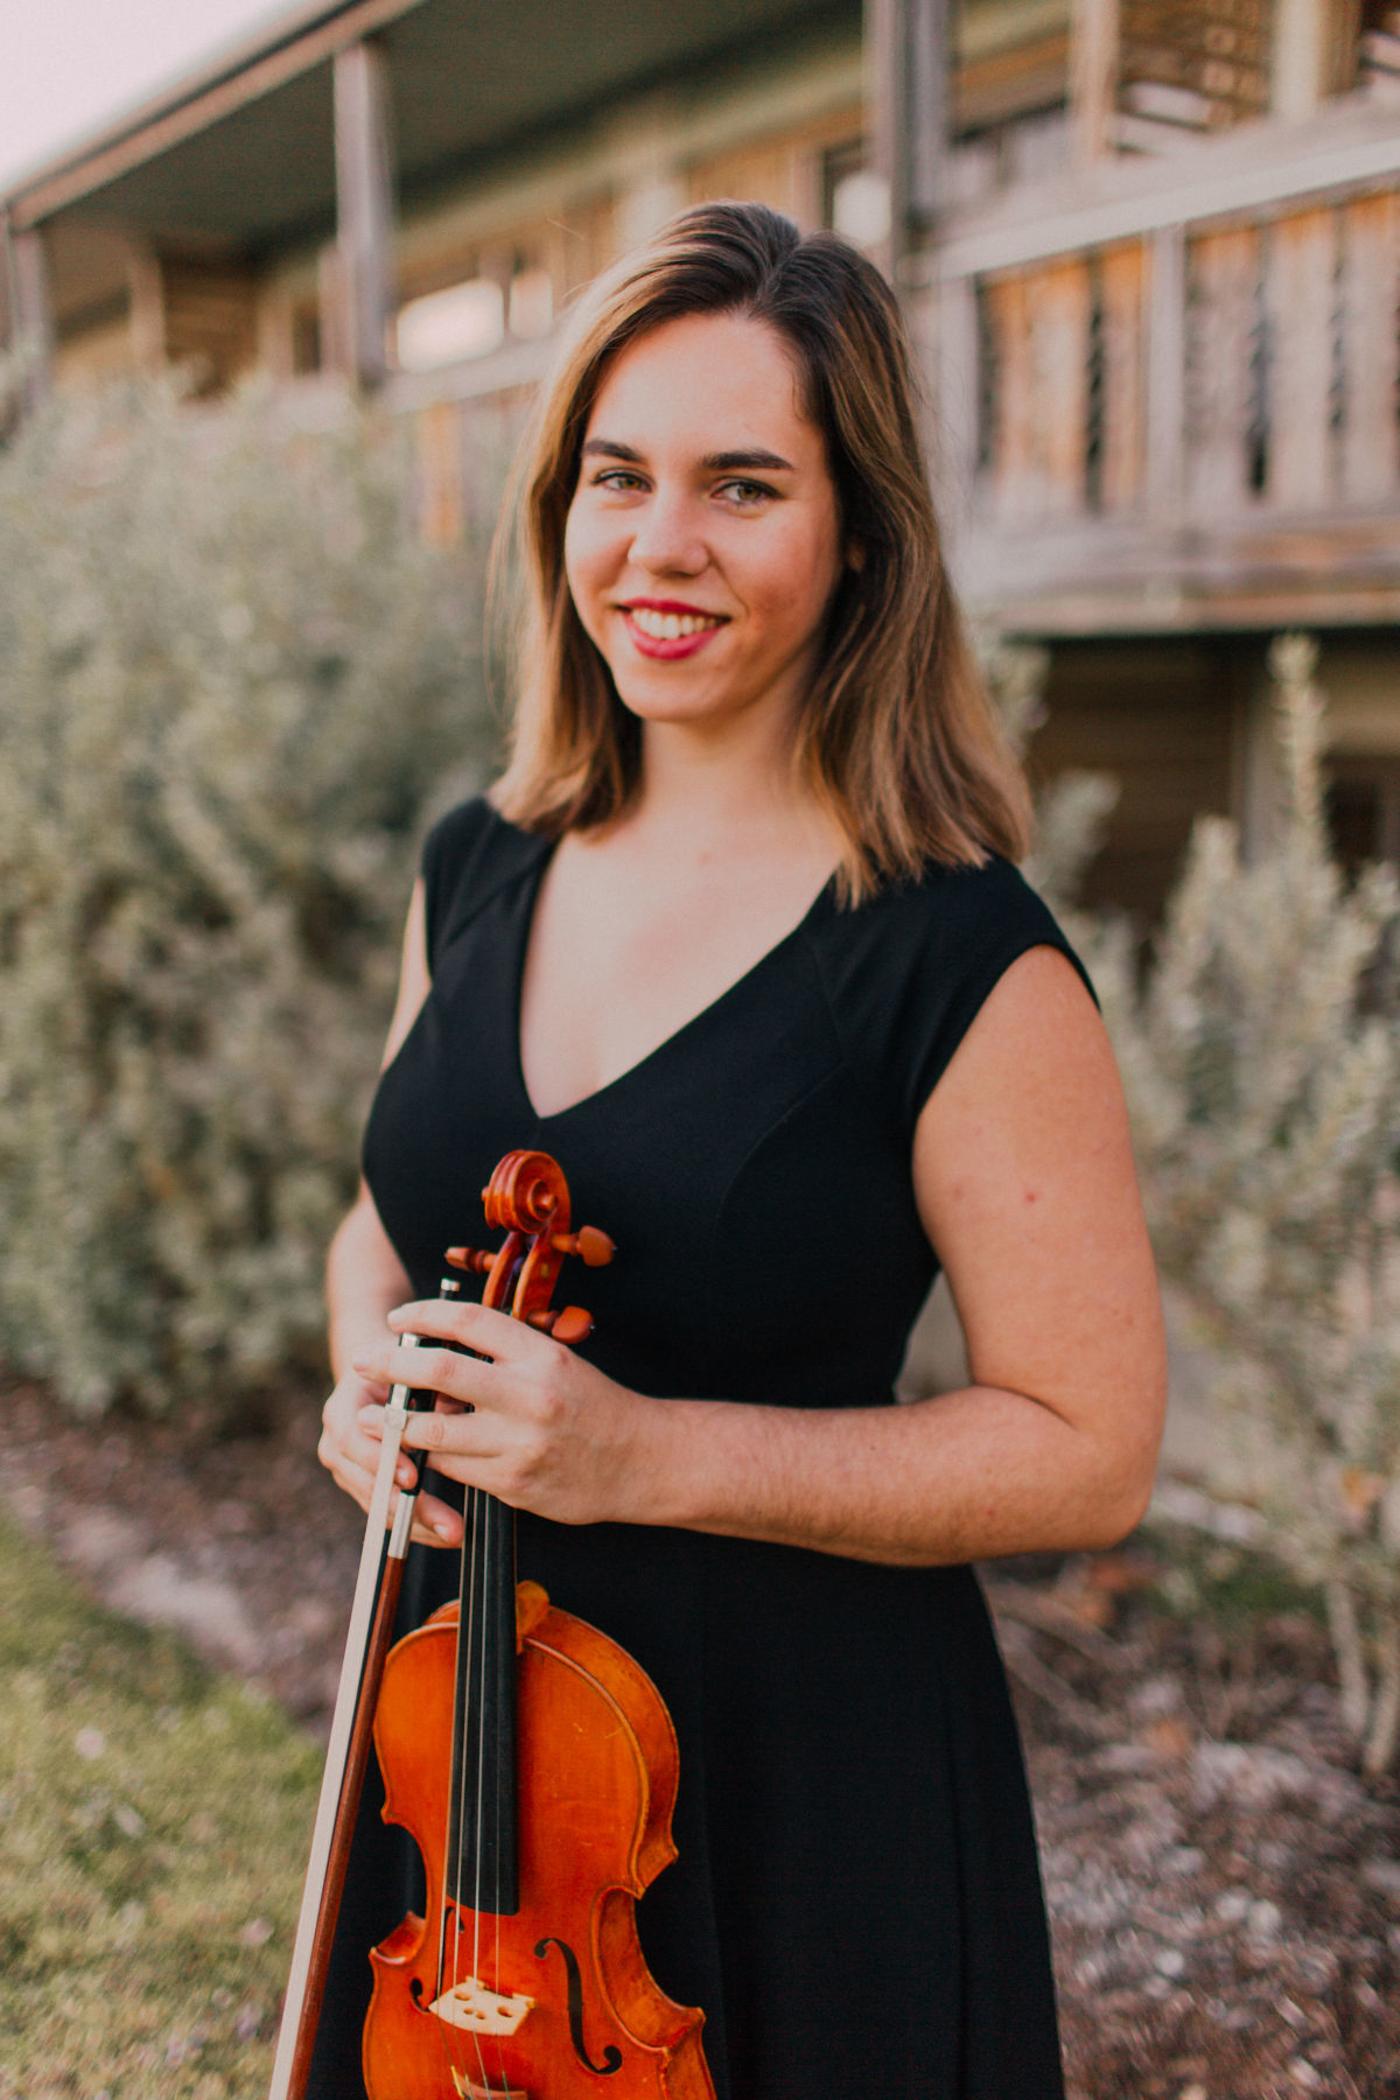 Violin Concerto No. 5 in A Minor. K. 219Wolfgang Amadeus Mozart -